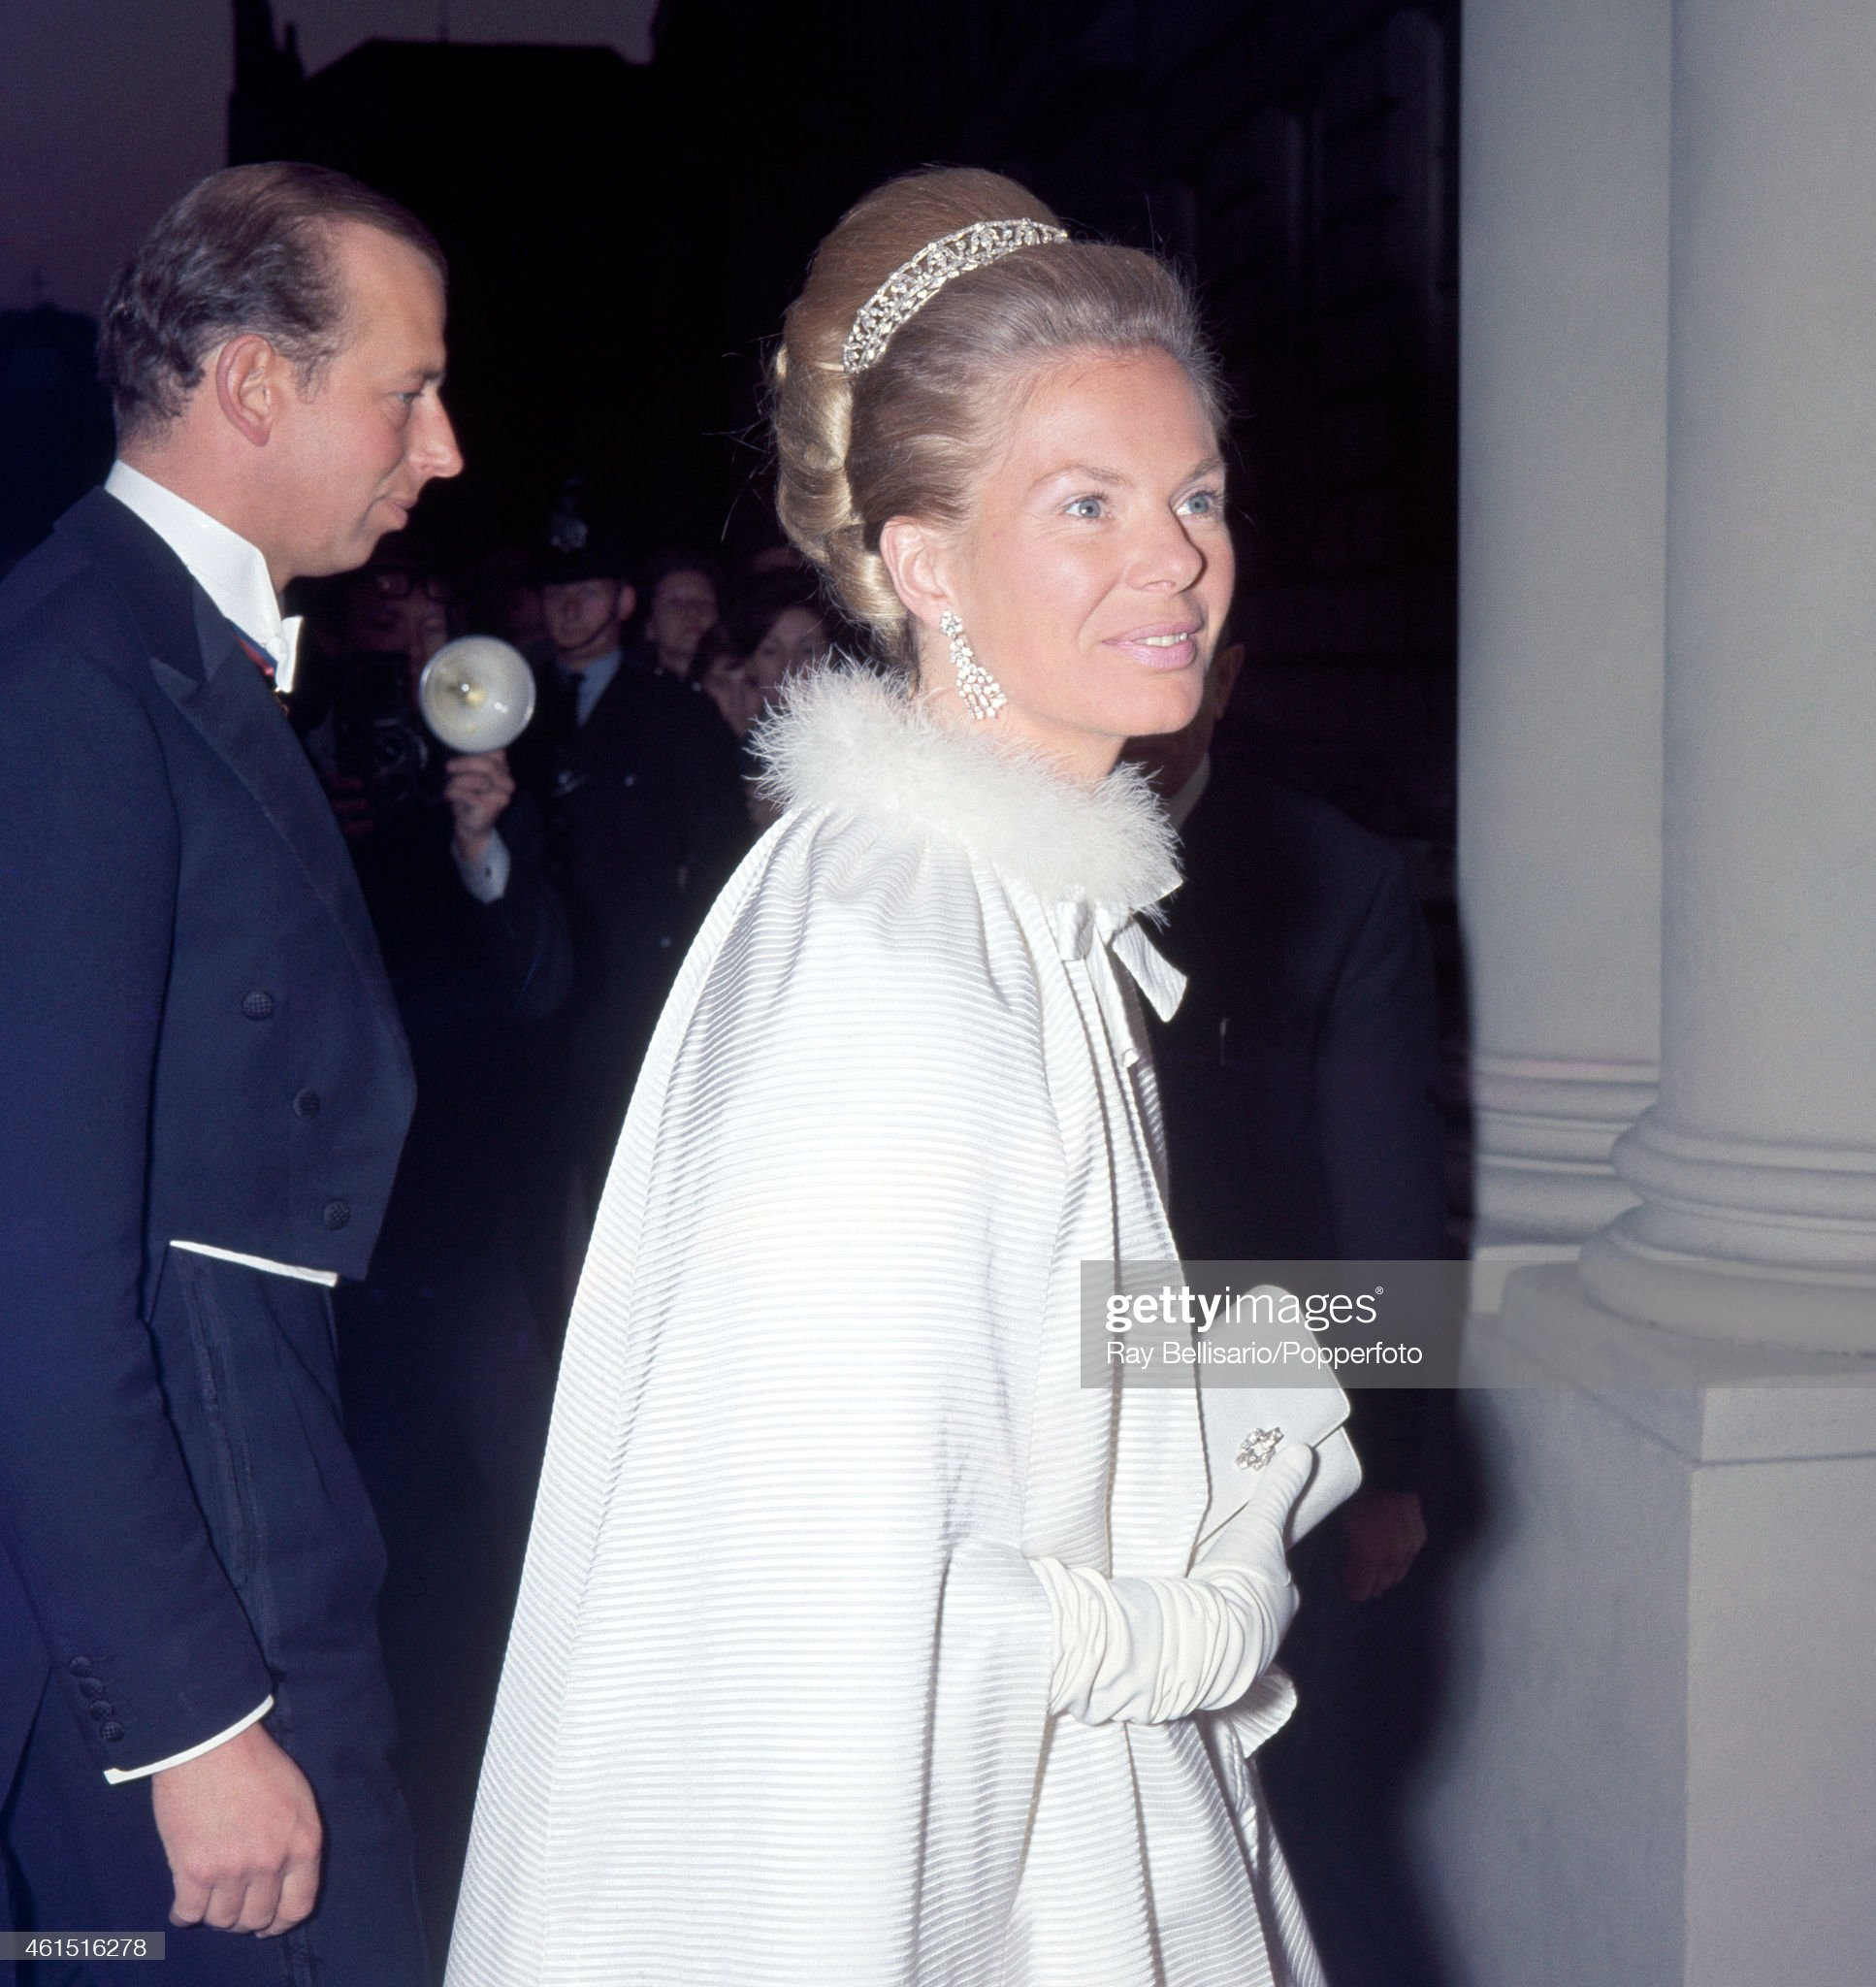 Duke And Duchess Of Kent : News Photo